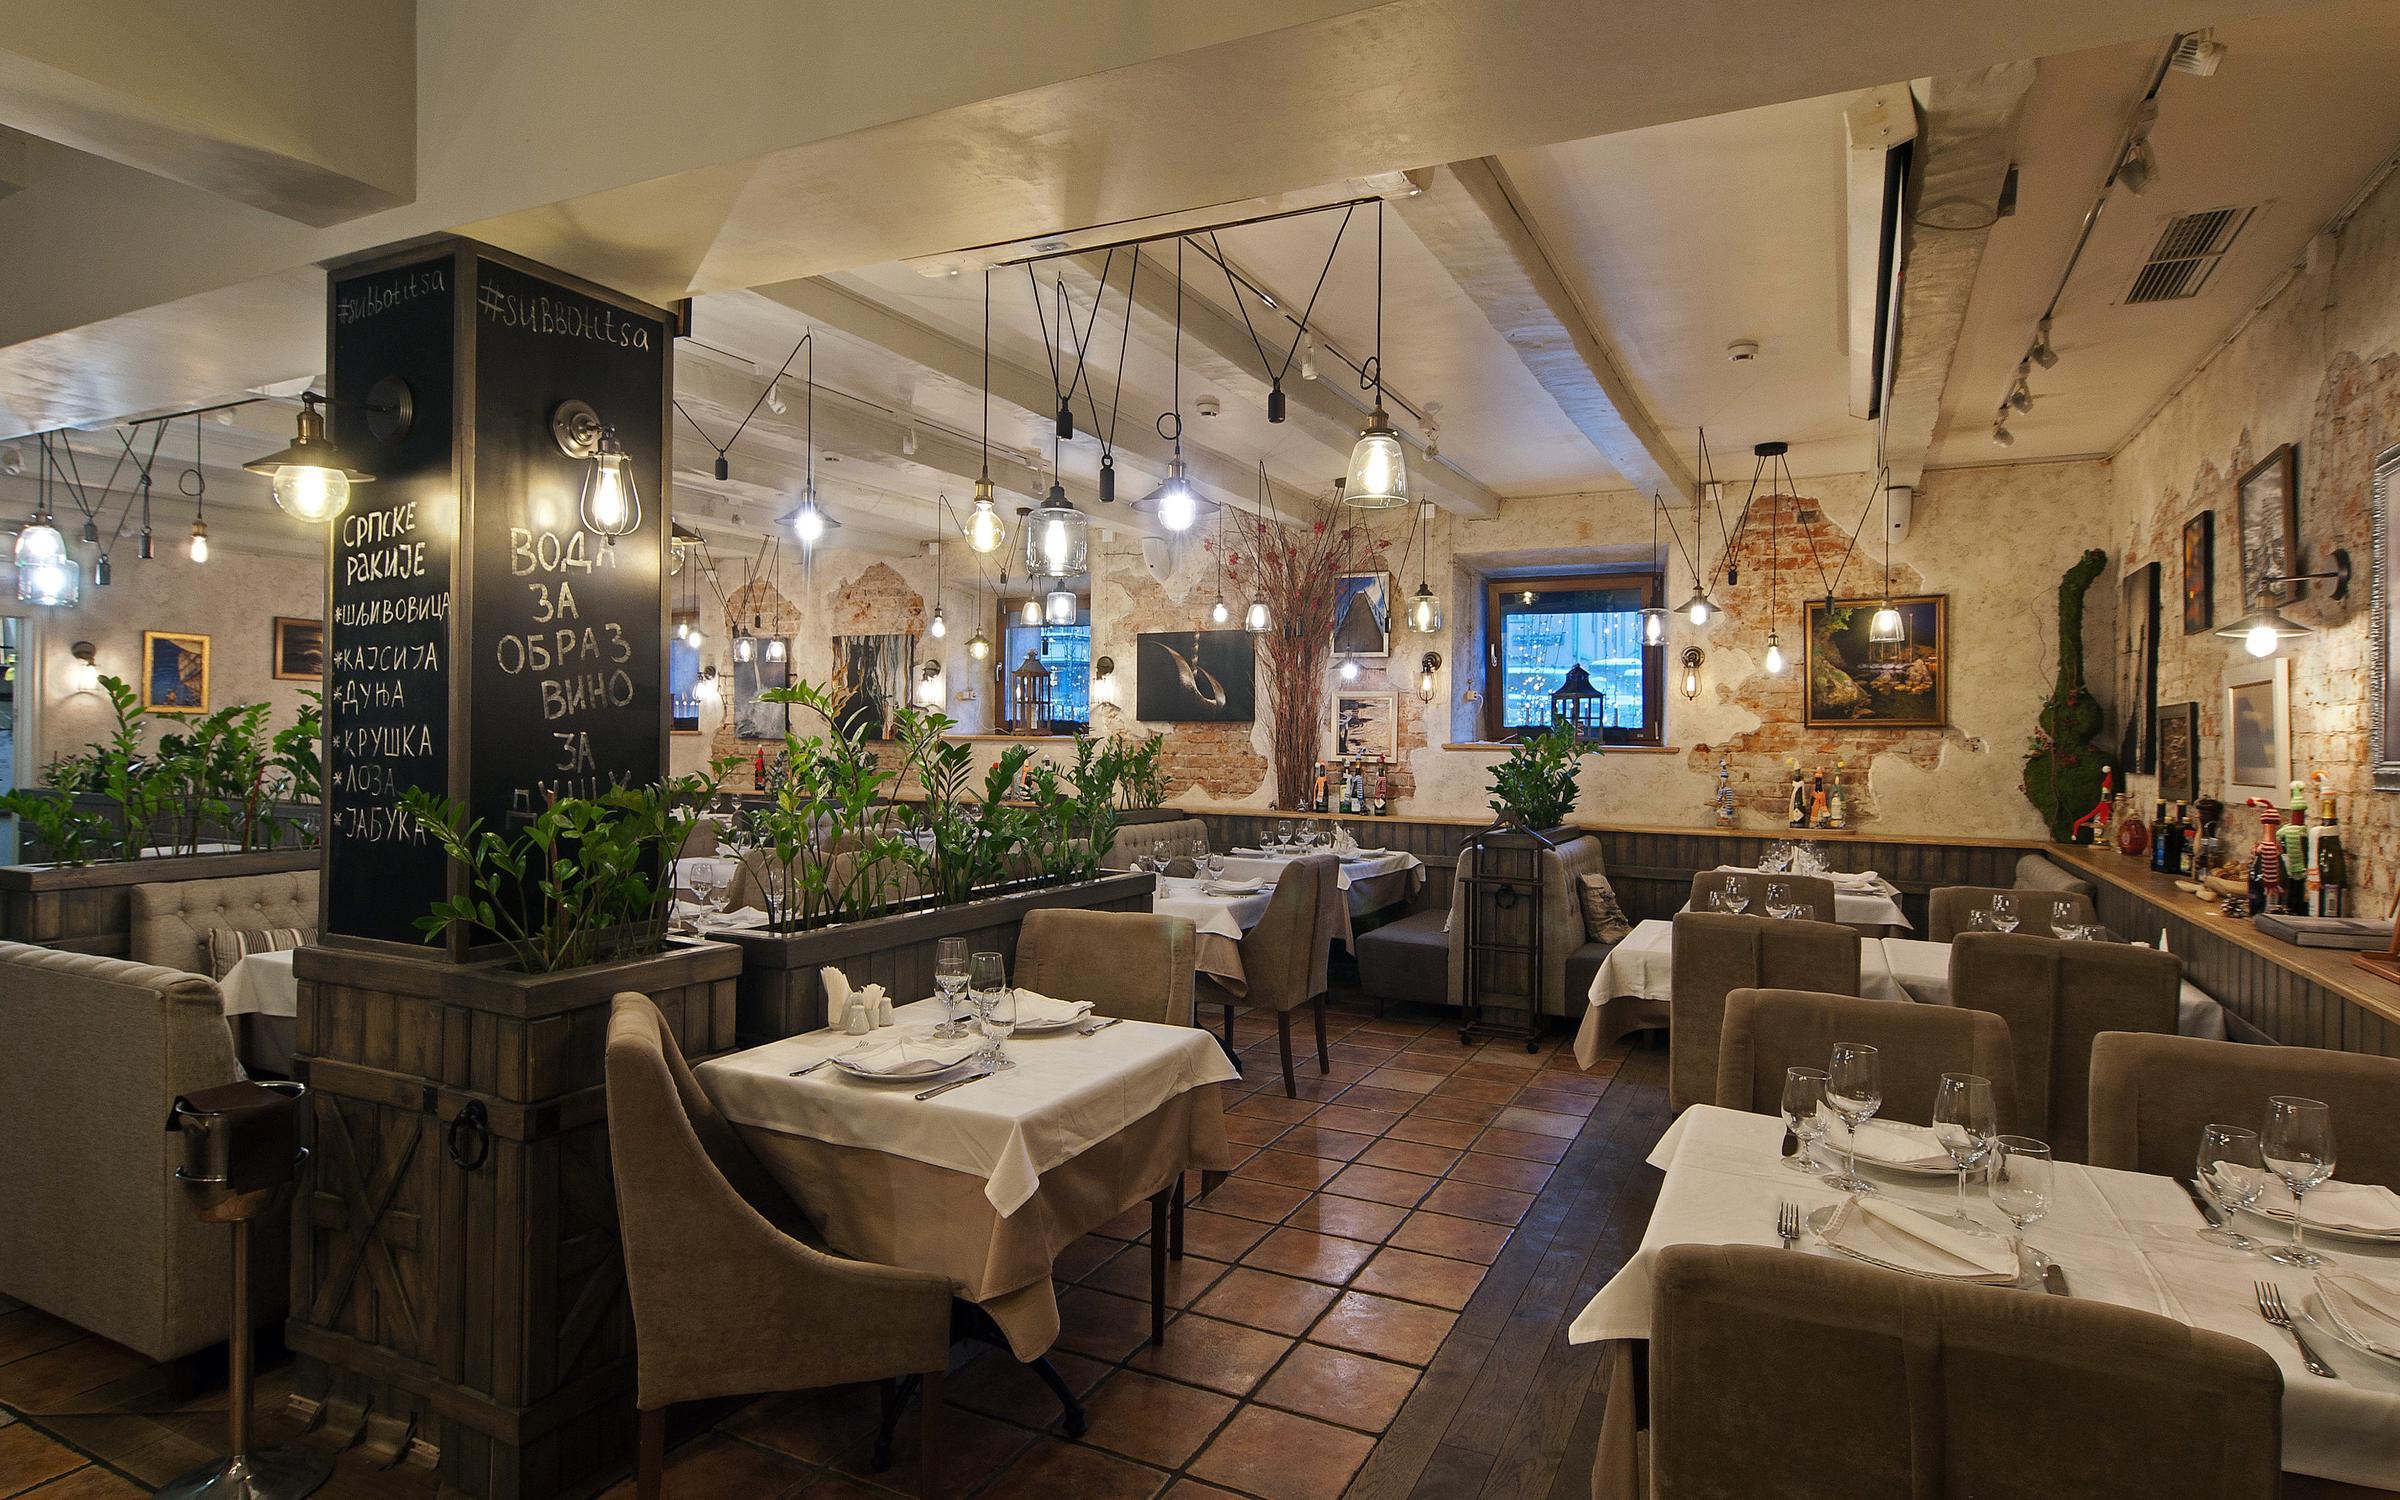 фотография Ресторана сербской кухни Субботица на Садовой-Кудринской улице